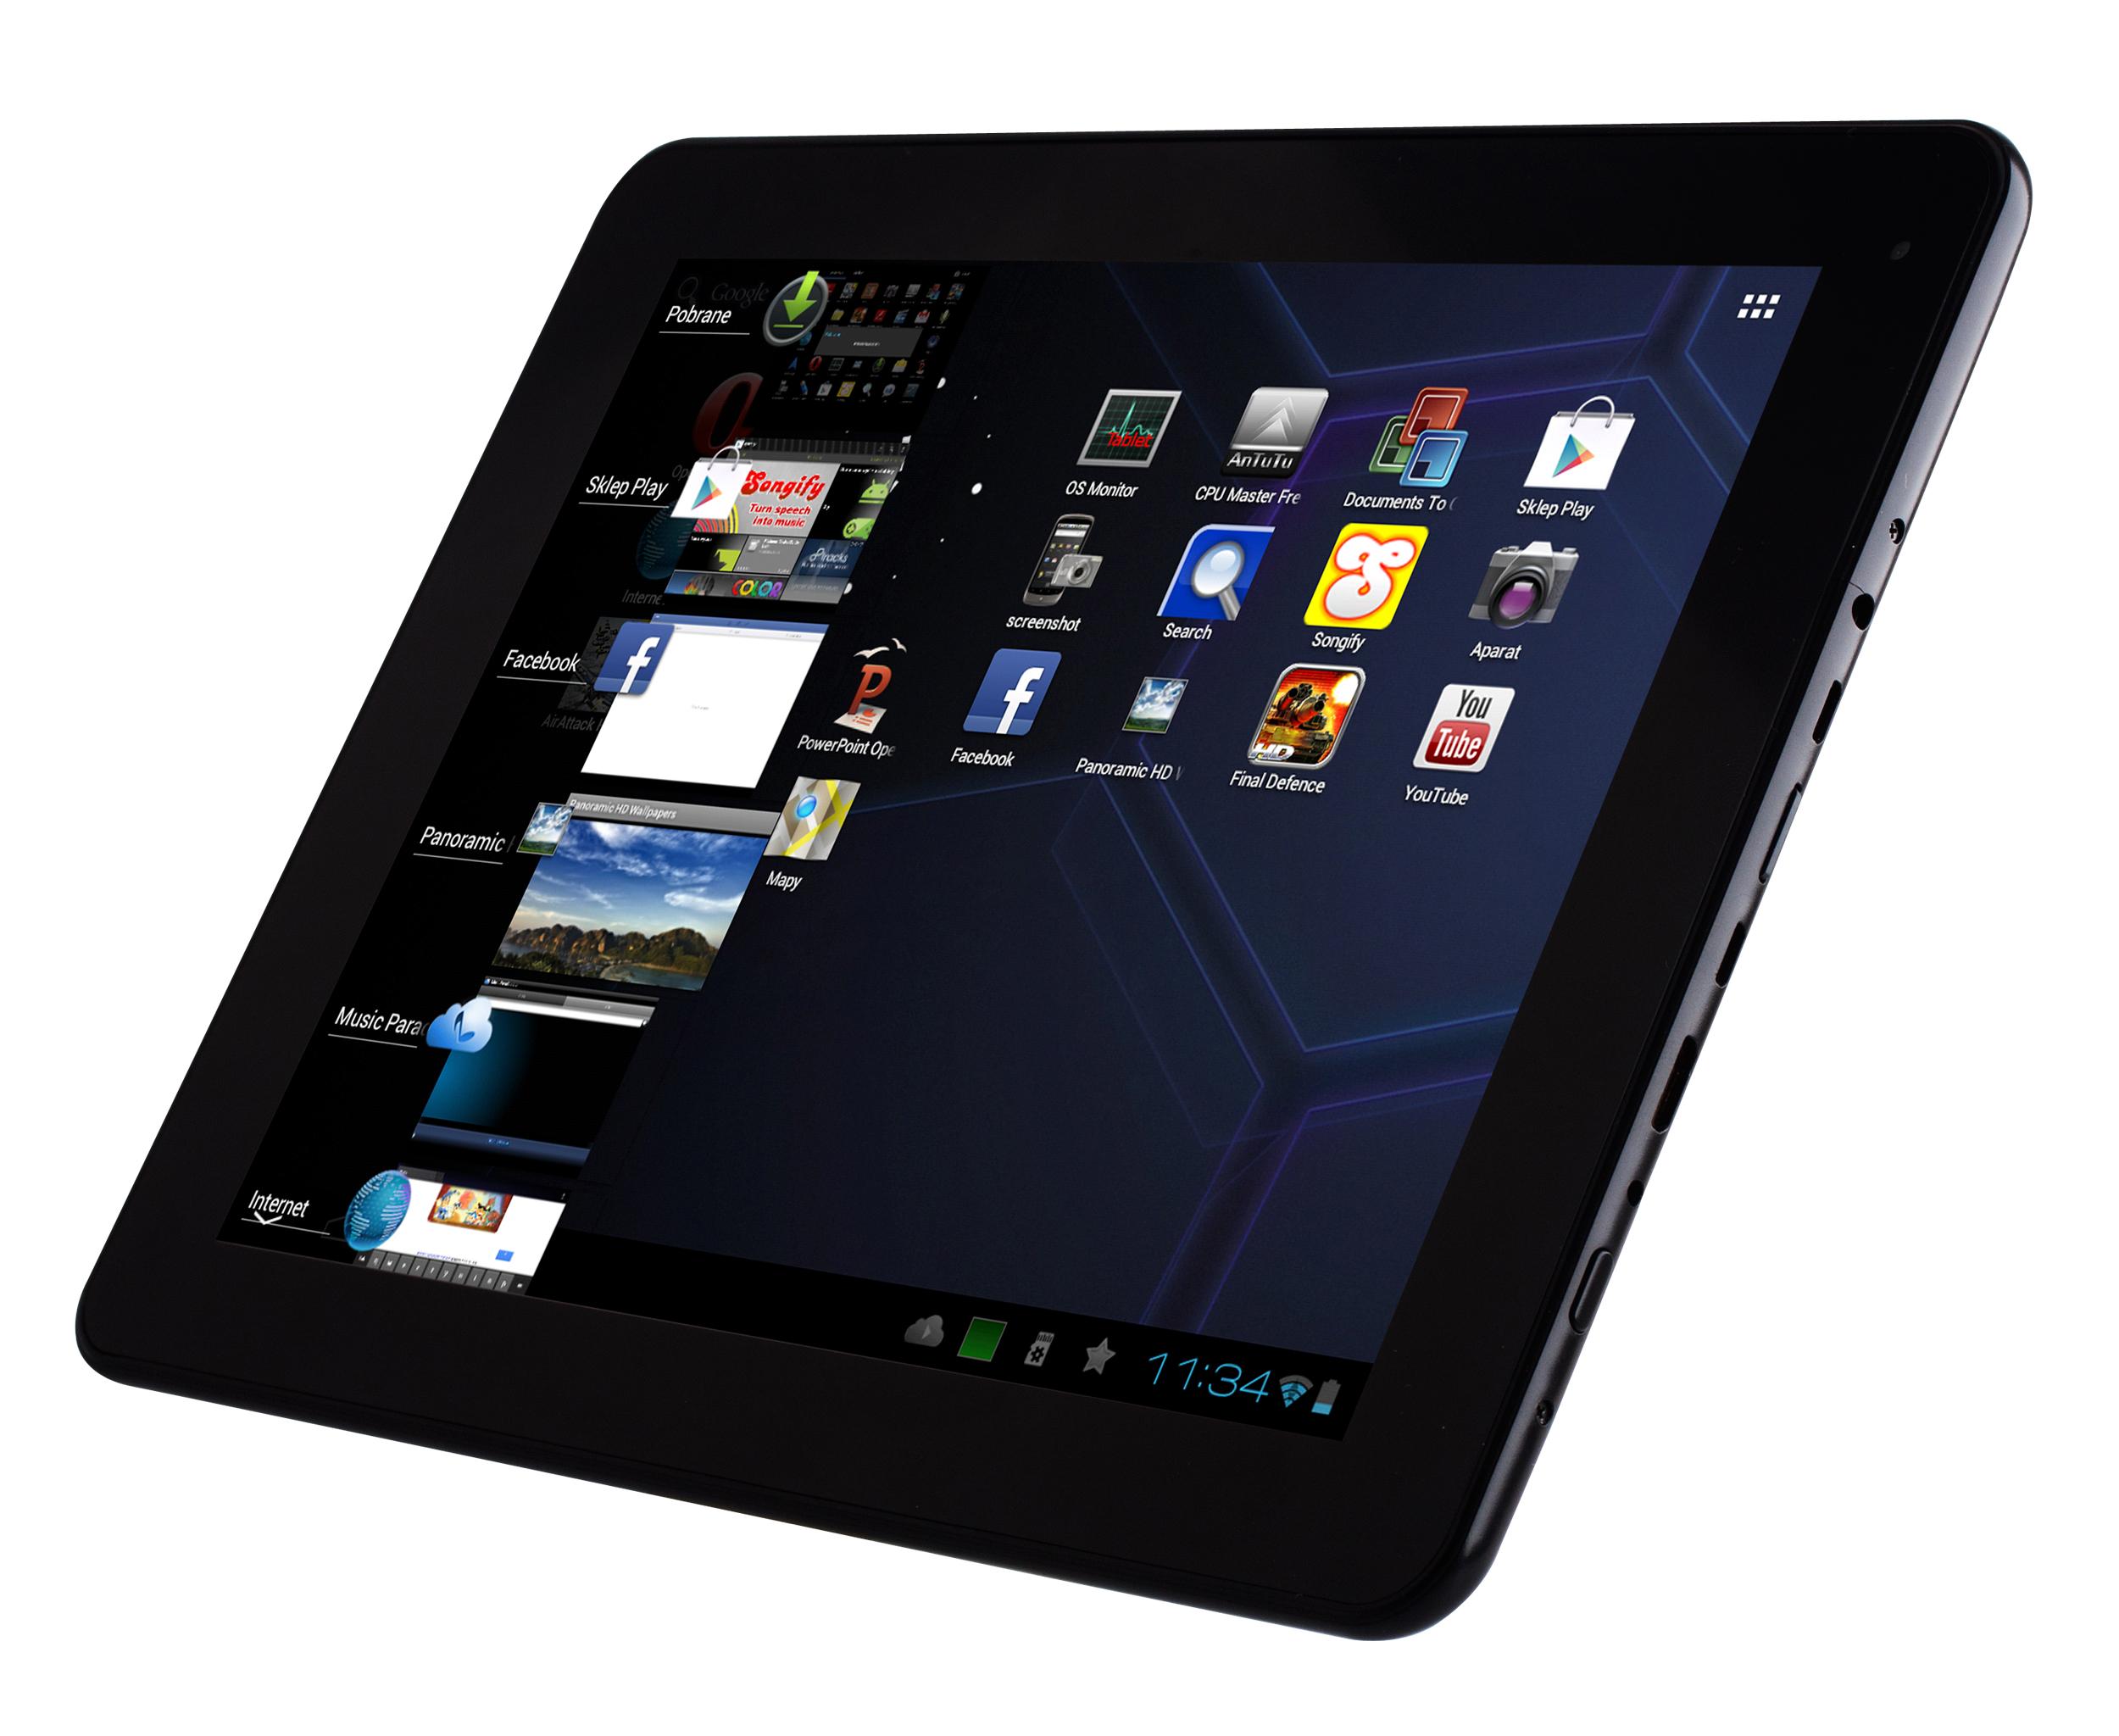 Pierwsza komunia bez iPada. Poznaj tegoroczne hity